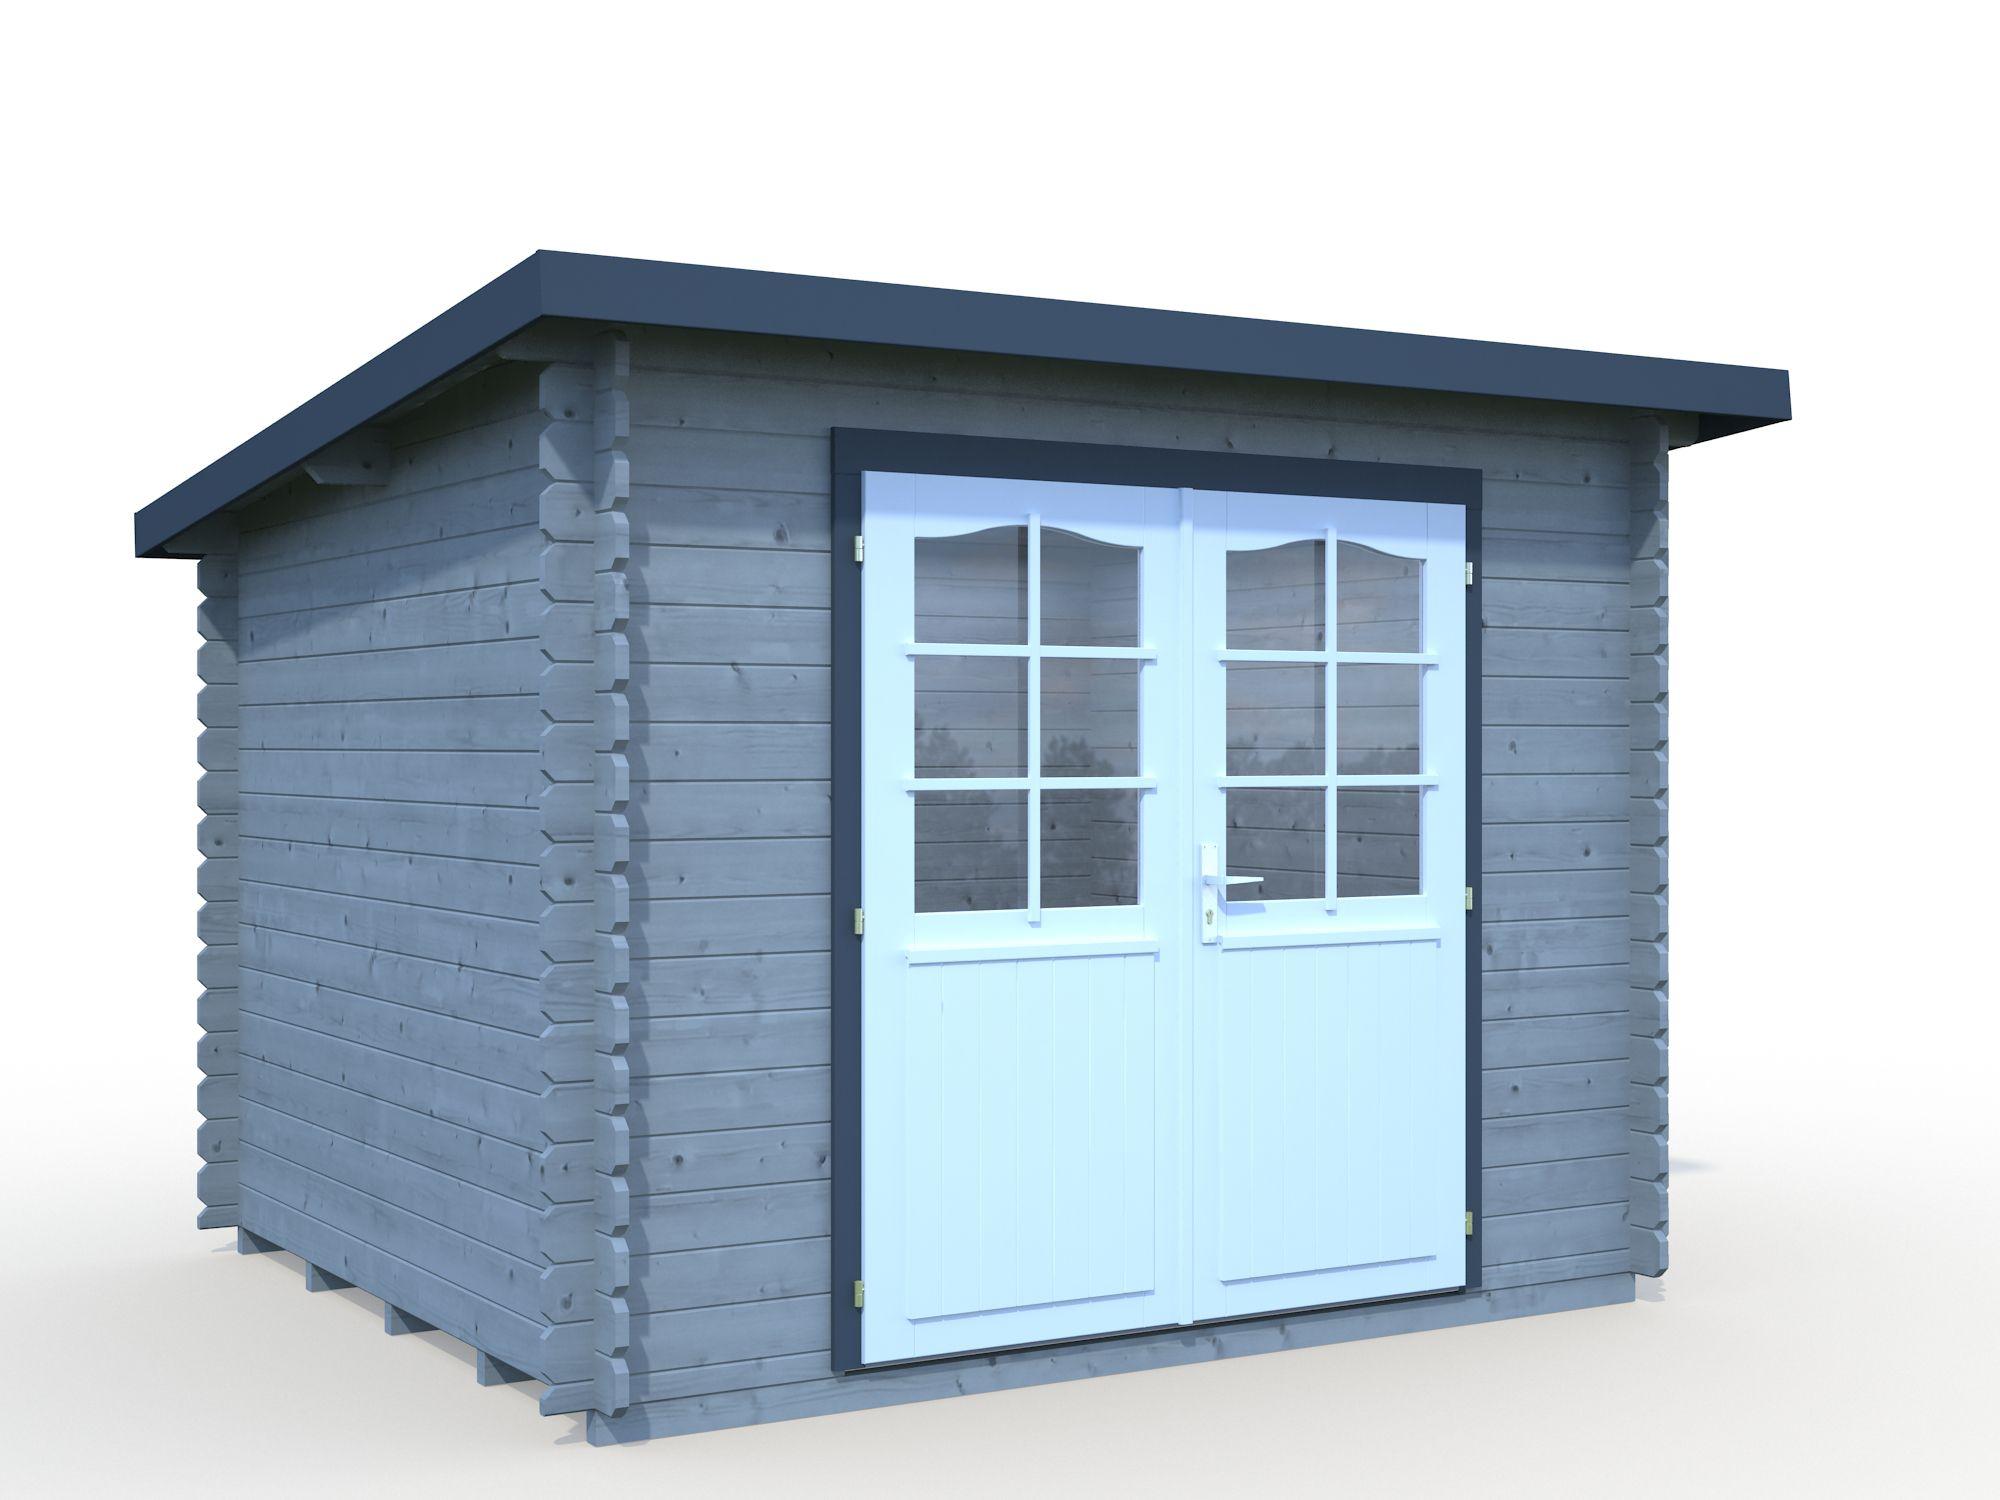 gartenhaus und ger tehaus flachdach pultdach leo kaufen. Black Bedroom Furniture Sets. Home Design Ideas